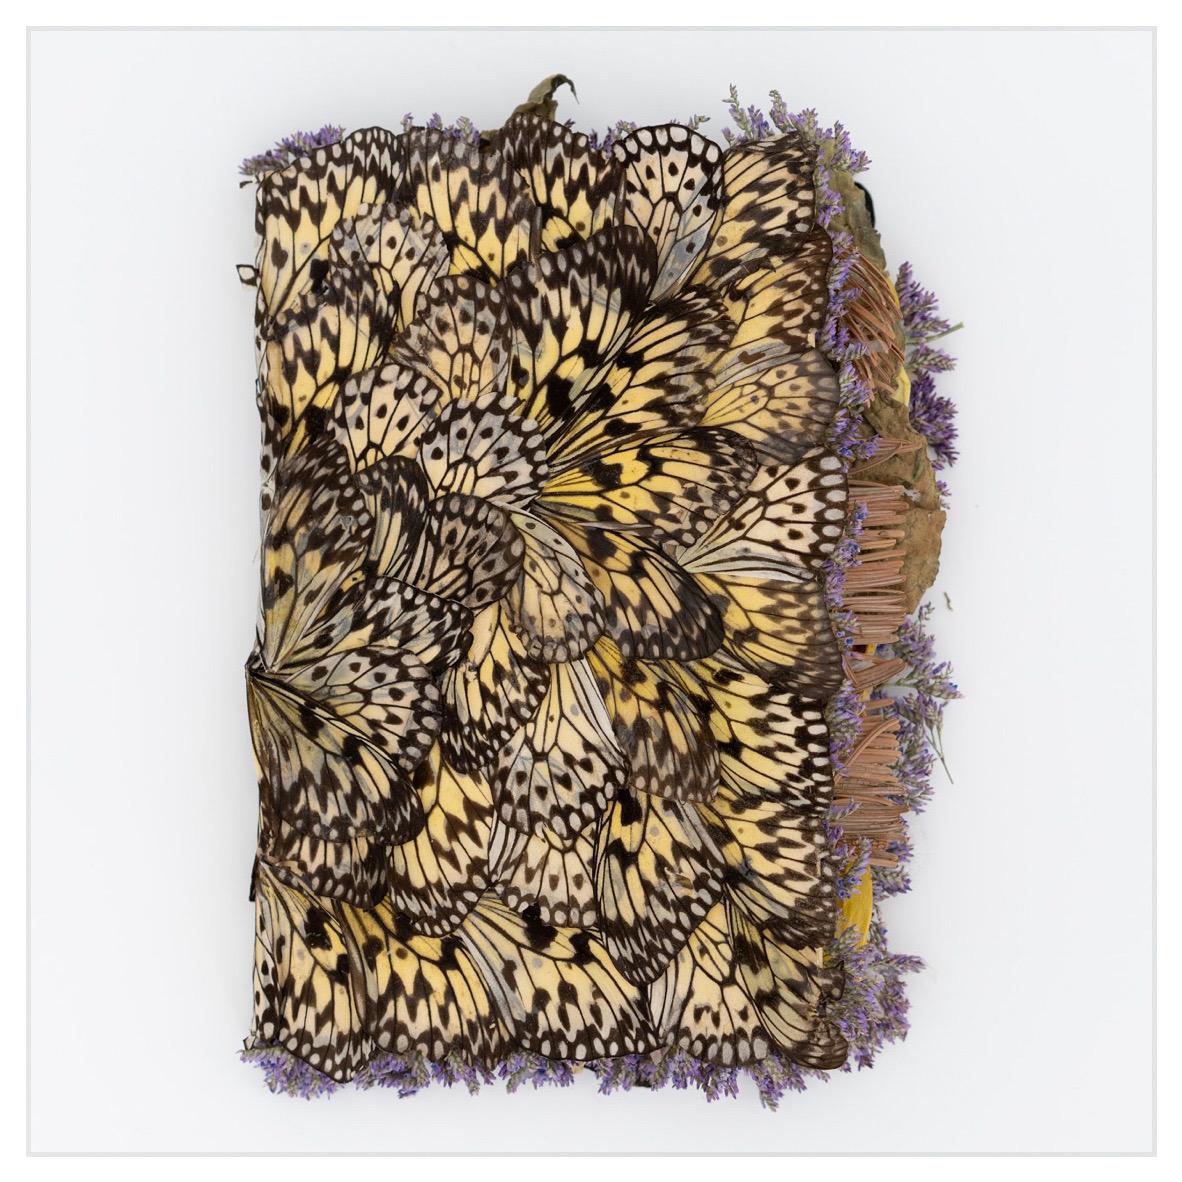 Rachel Marks, Diary II ailes de papillons, pétals, feuilles, épines de pin, couverture de livre 17 x 24 x 6 cm 2020 photo : François Xavier Watine